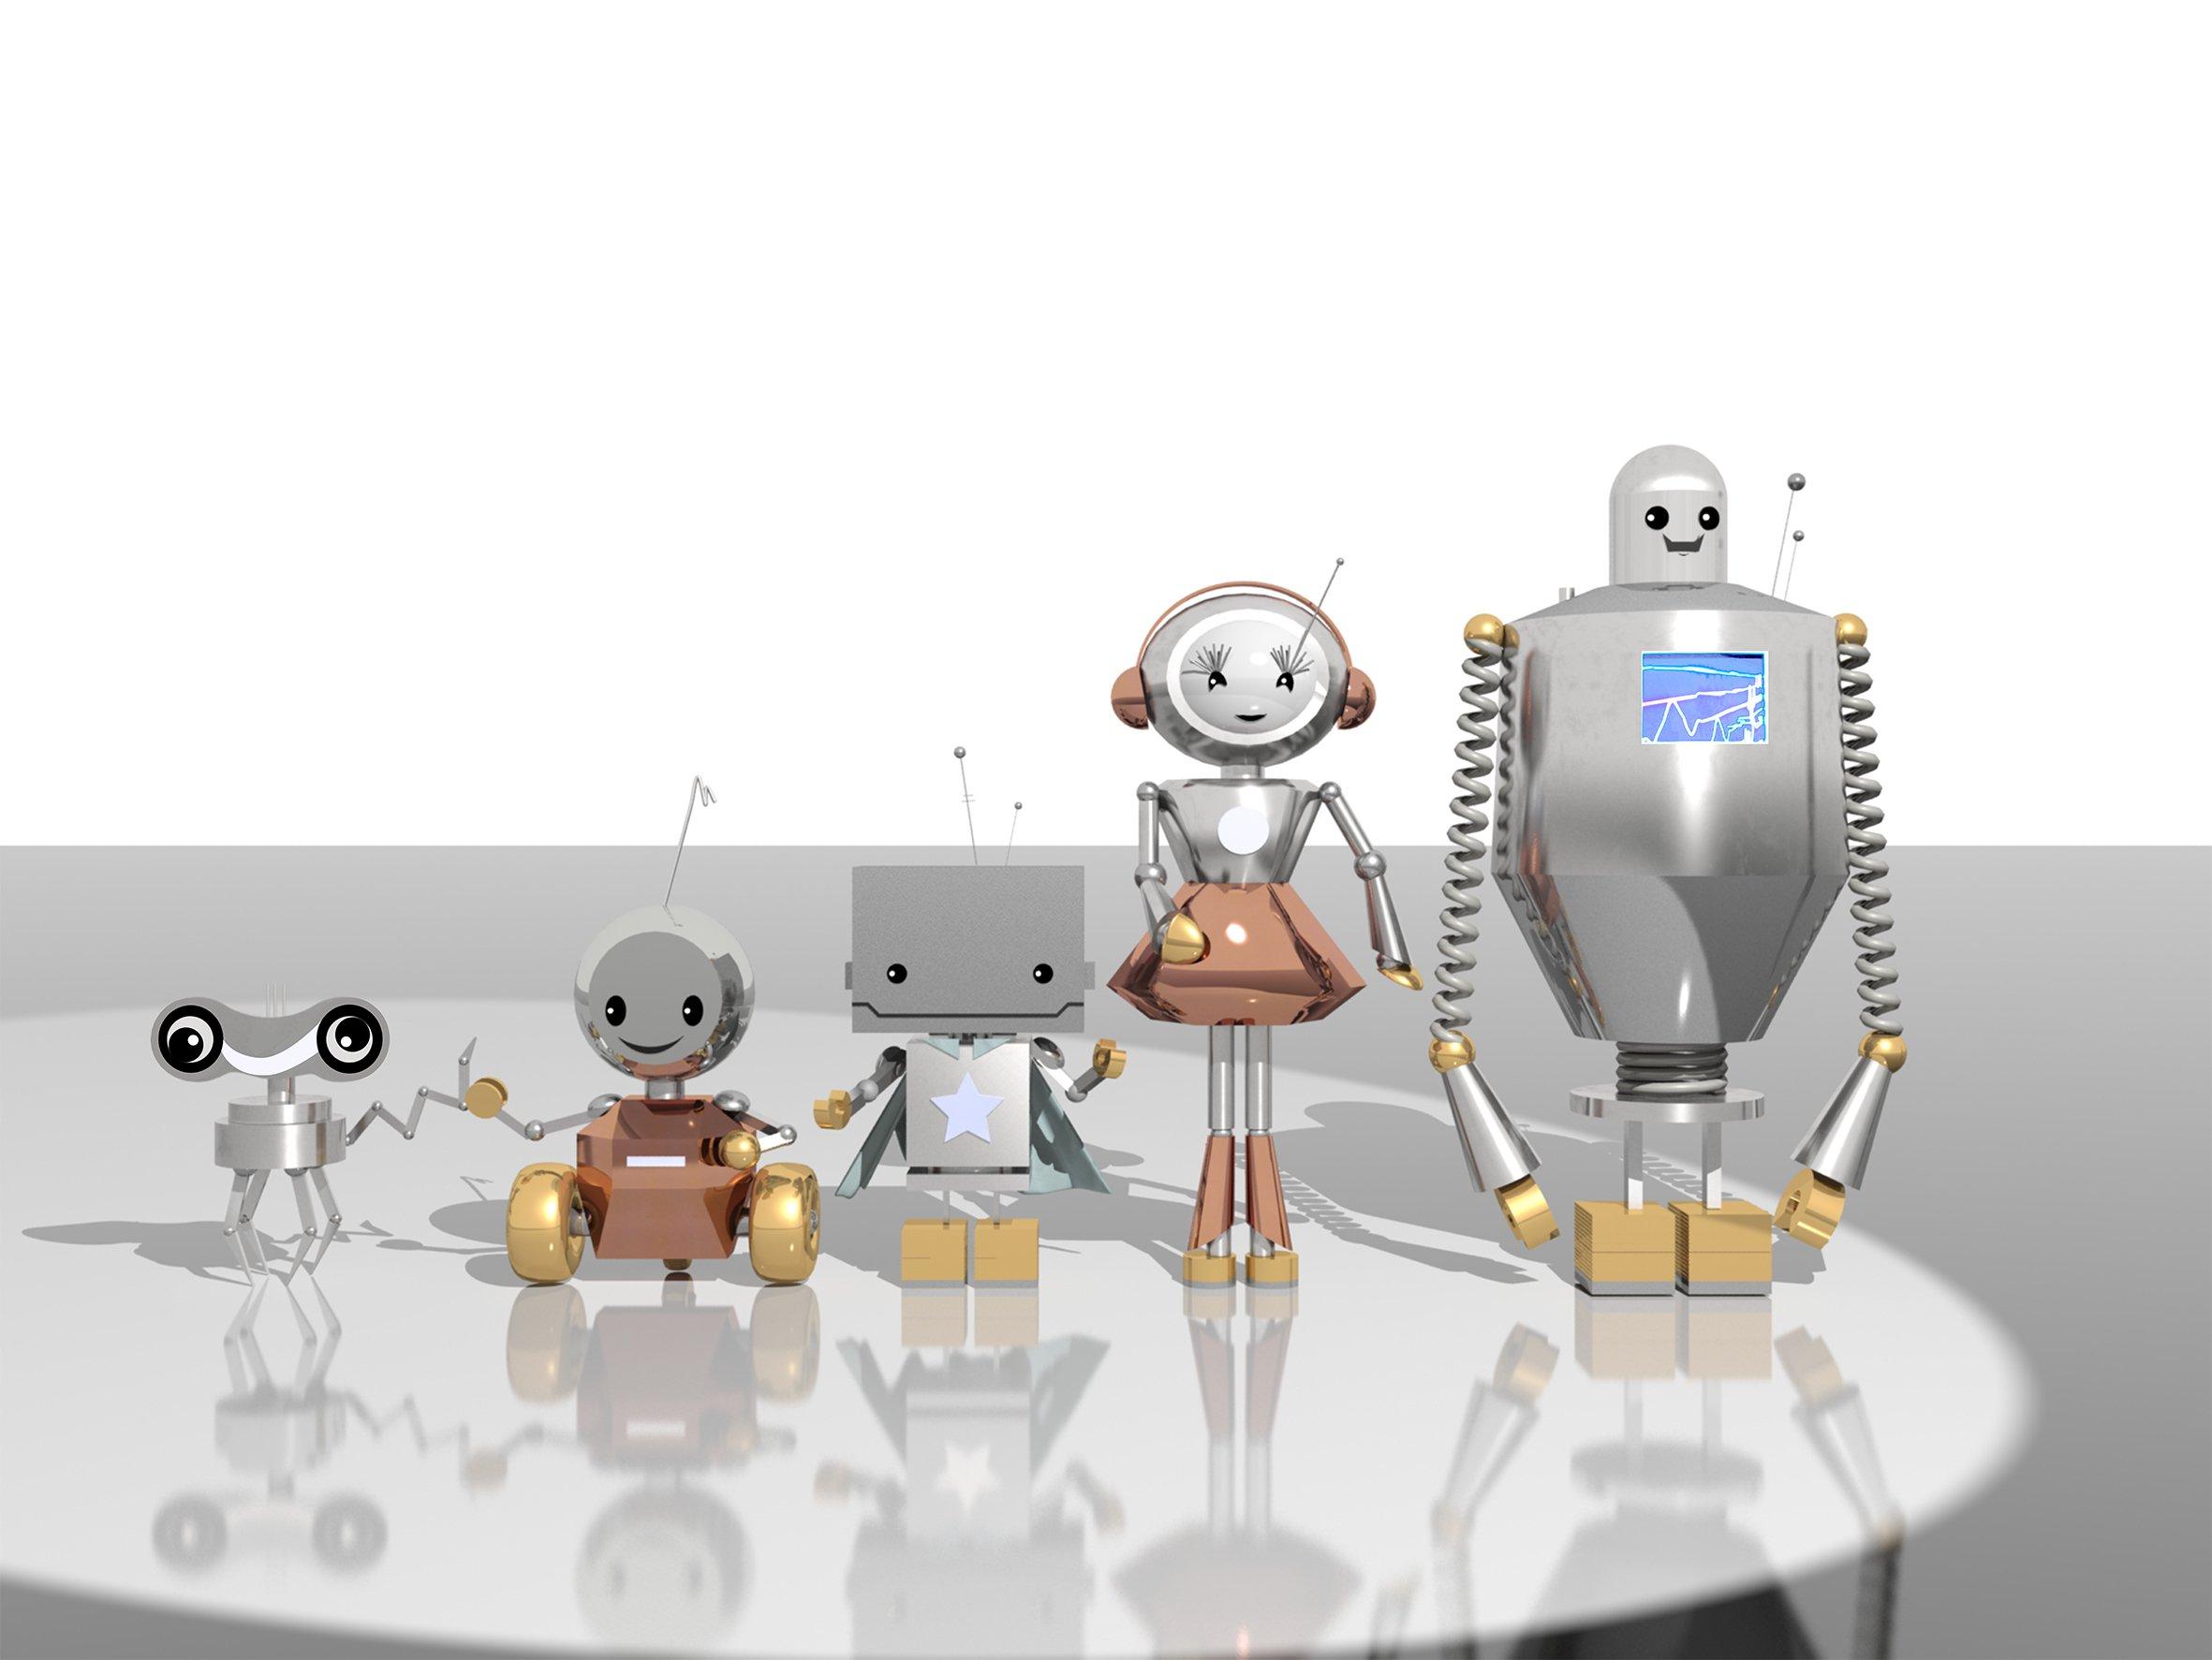 famille_robots2.jpg